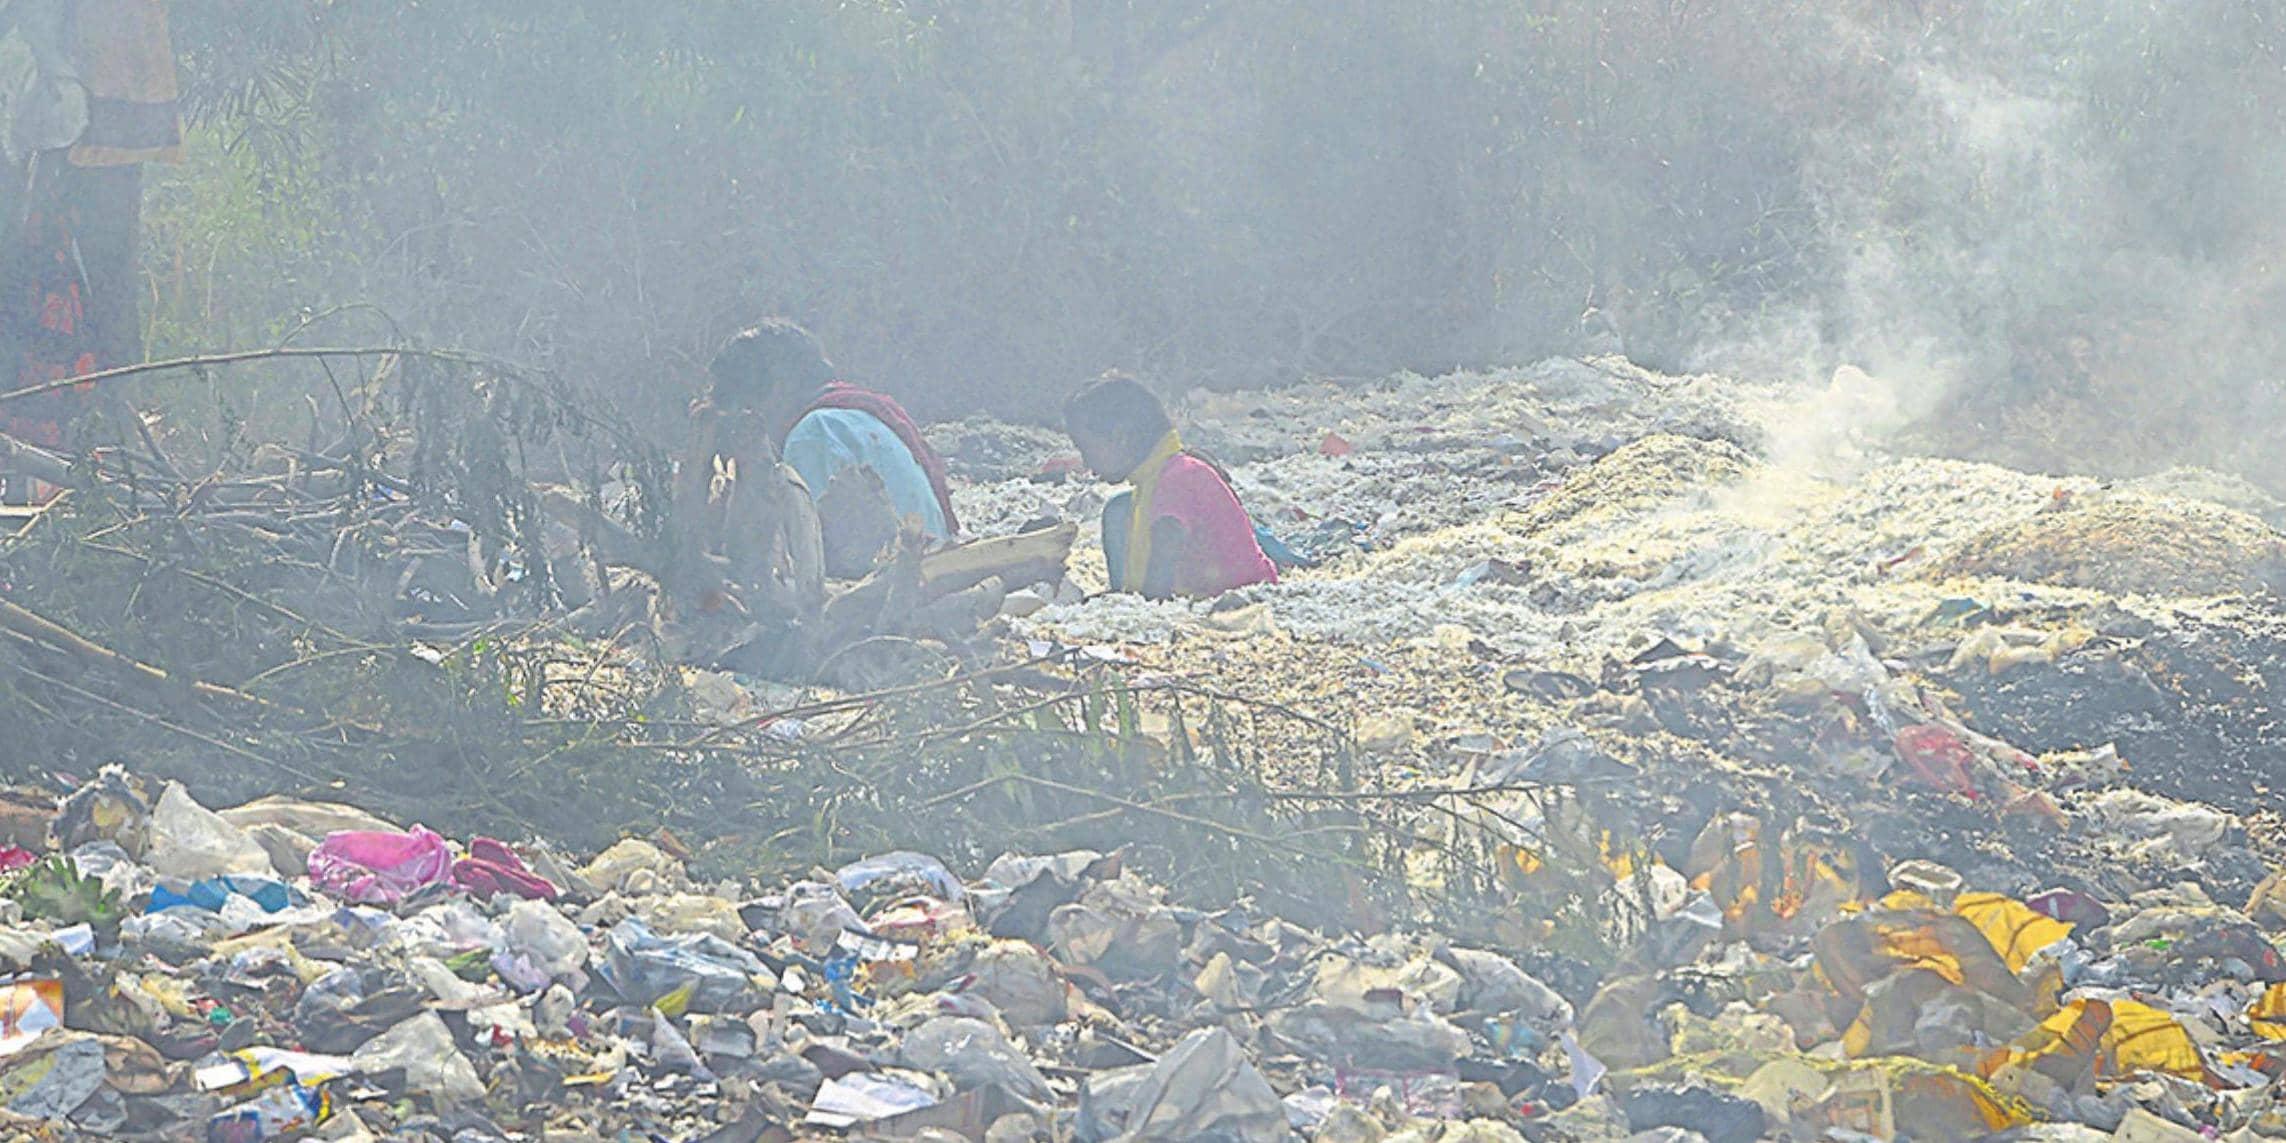 परेशानी : कम बारिश और पराली से बढ़ा प्रदूषण